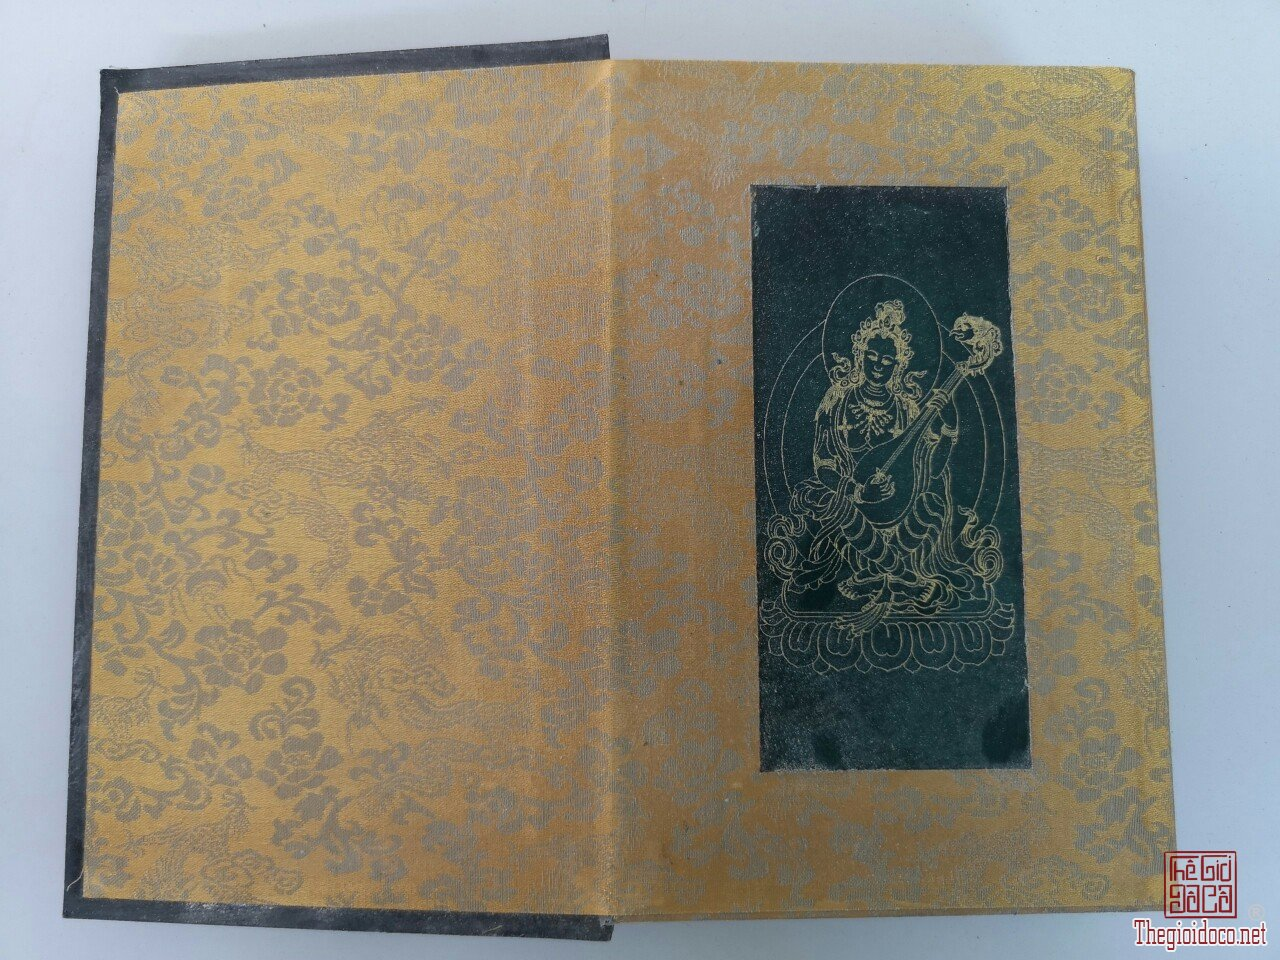 Sách kinh đá xanh quý hiếm độc lạ hàng hiếm giá khuyến mại 1,5 triệu 1 quyển